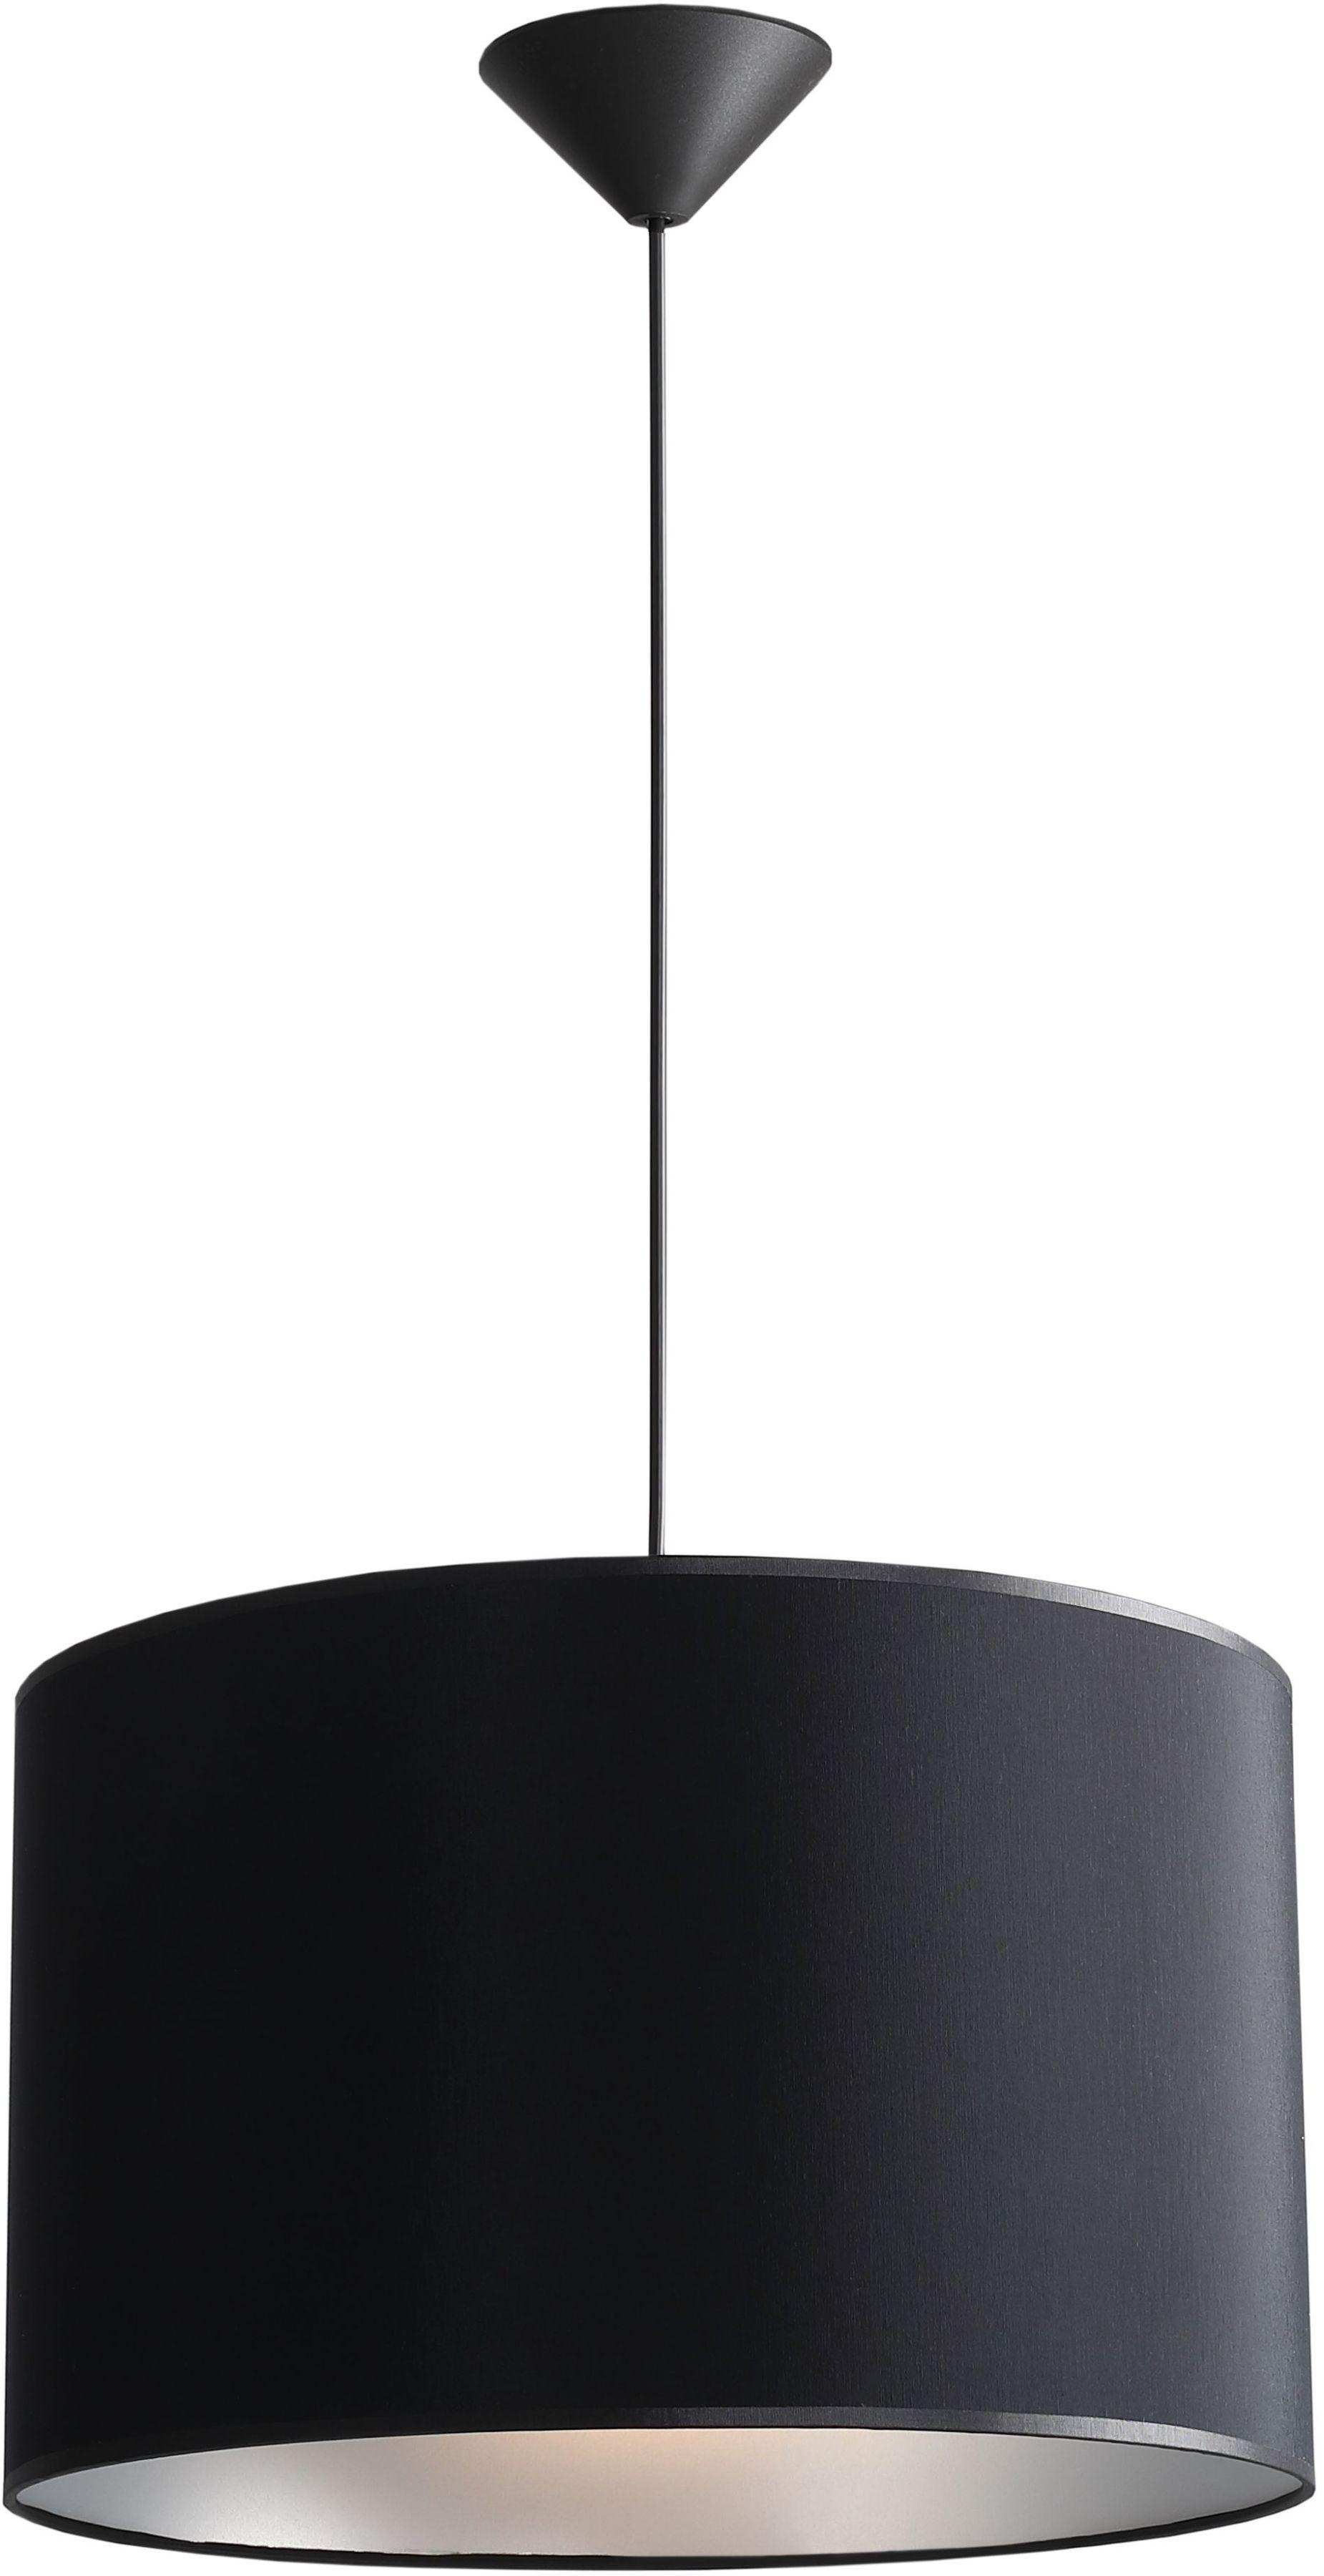 Lampa wisząca Barilla czarno srebrna 954G - Aldex // Rabaty w koszyku i darmowa dostawa od 299zł !